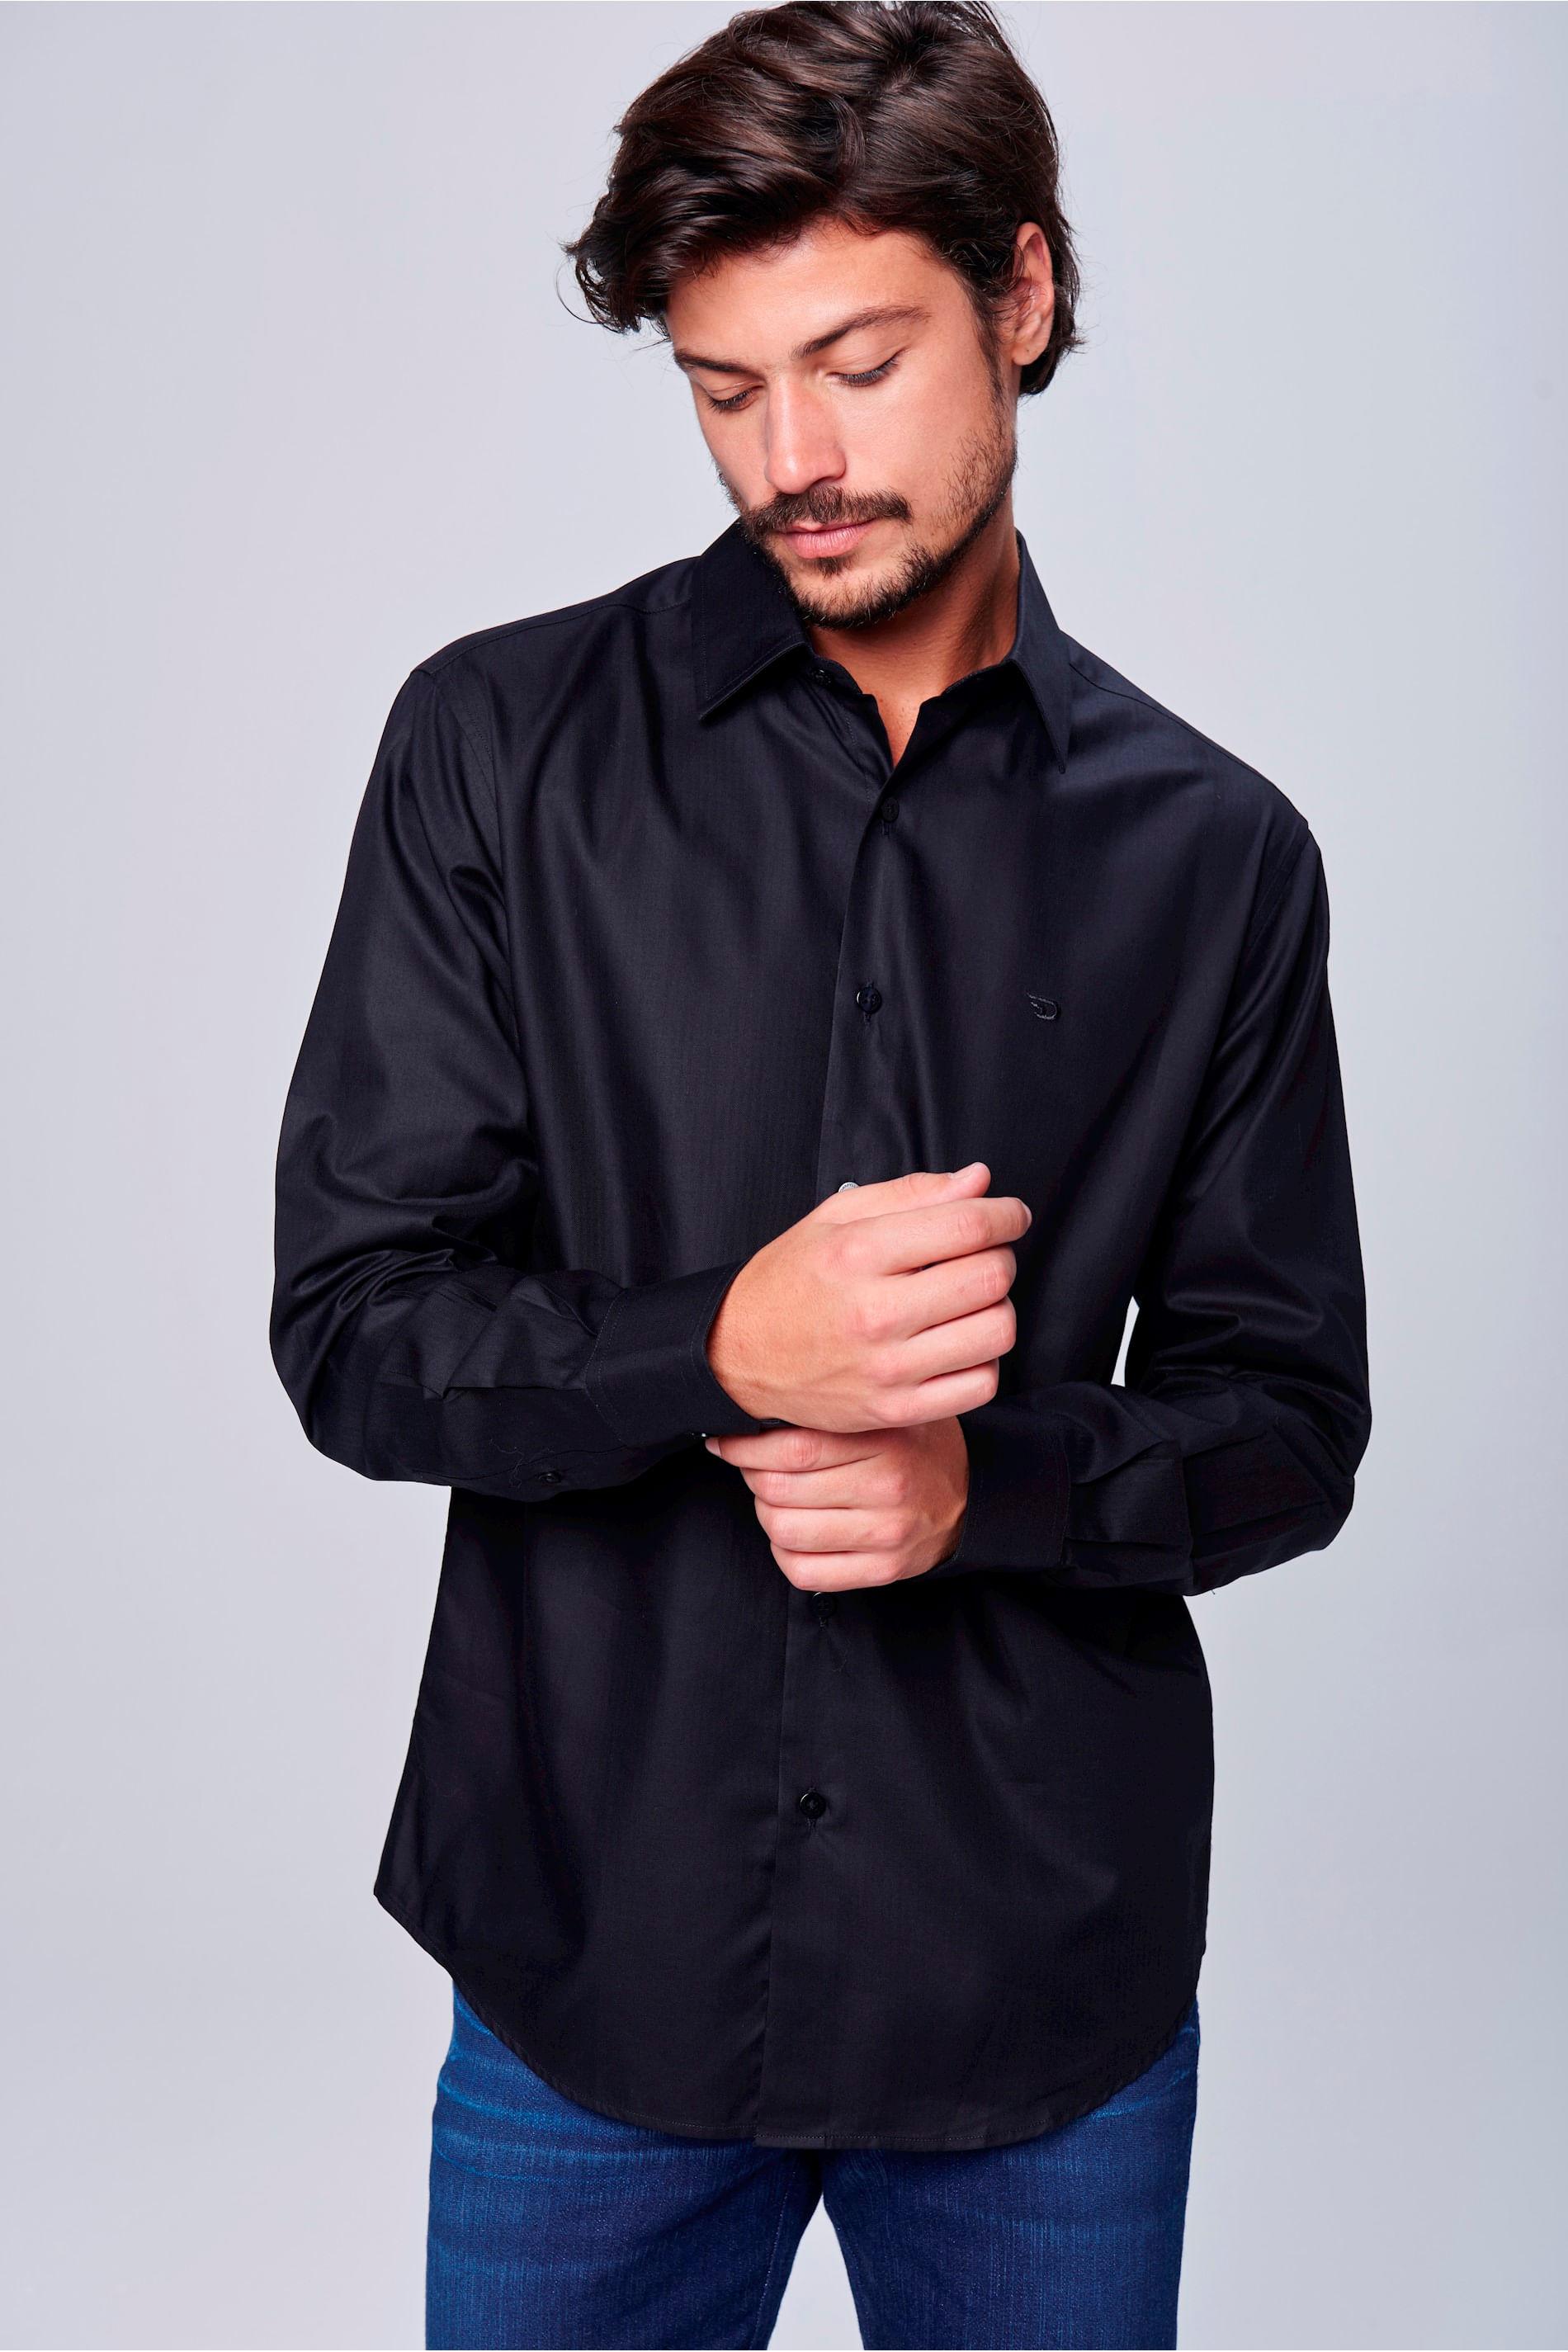 68a18c3bda Camisa Social Preta de Algodão Peruano - Damyller